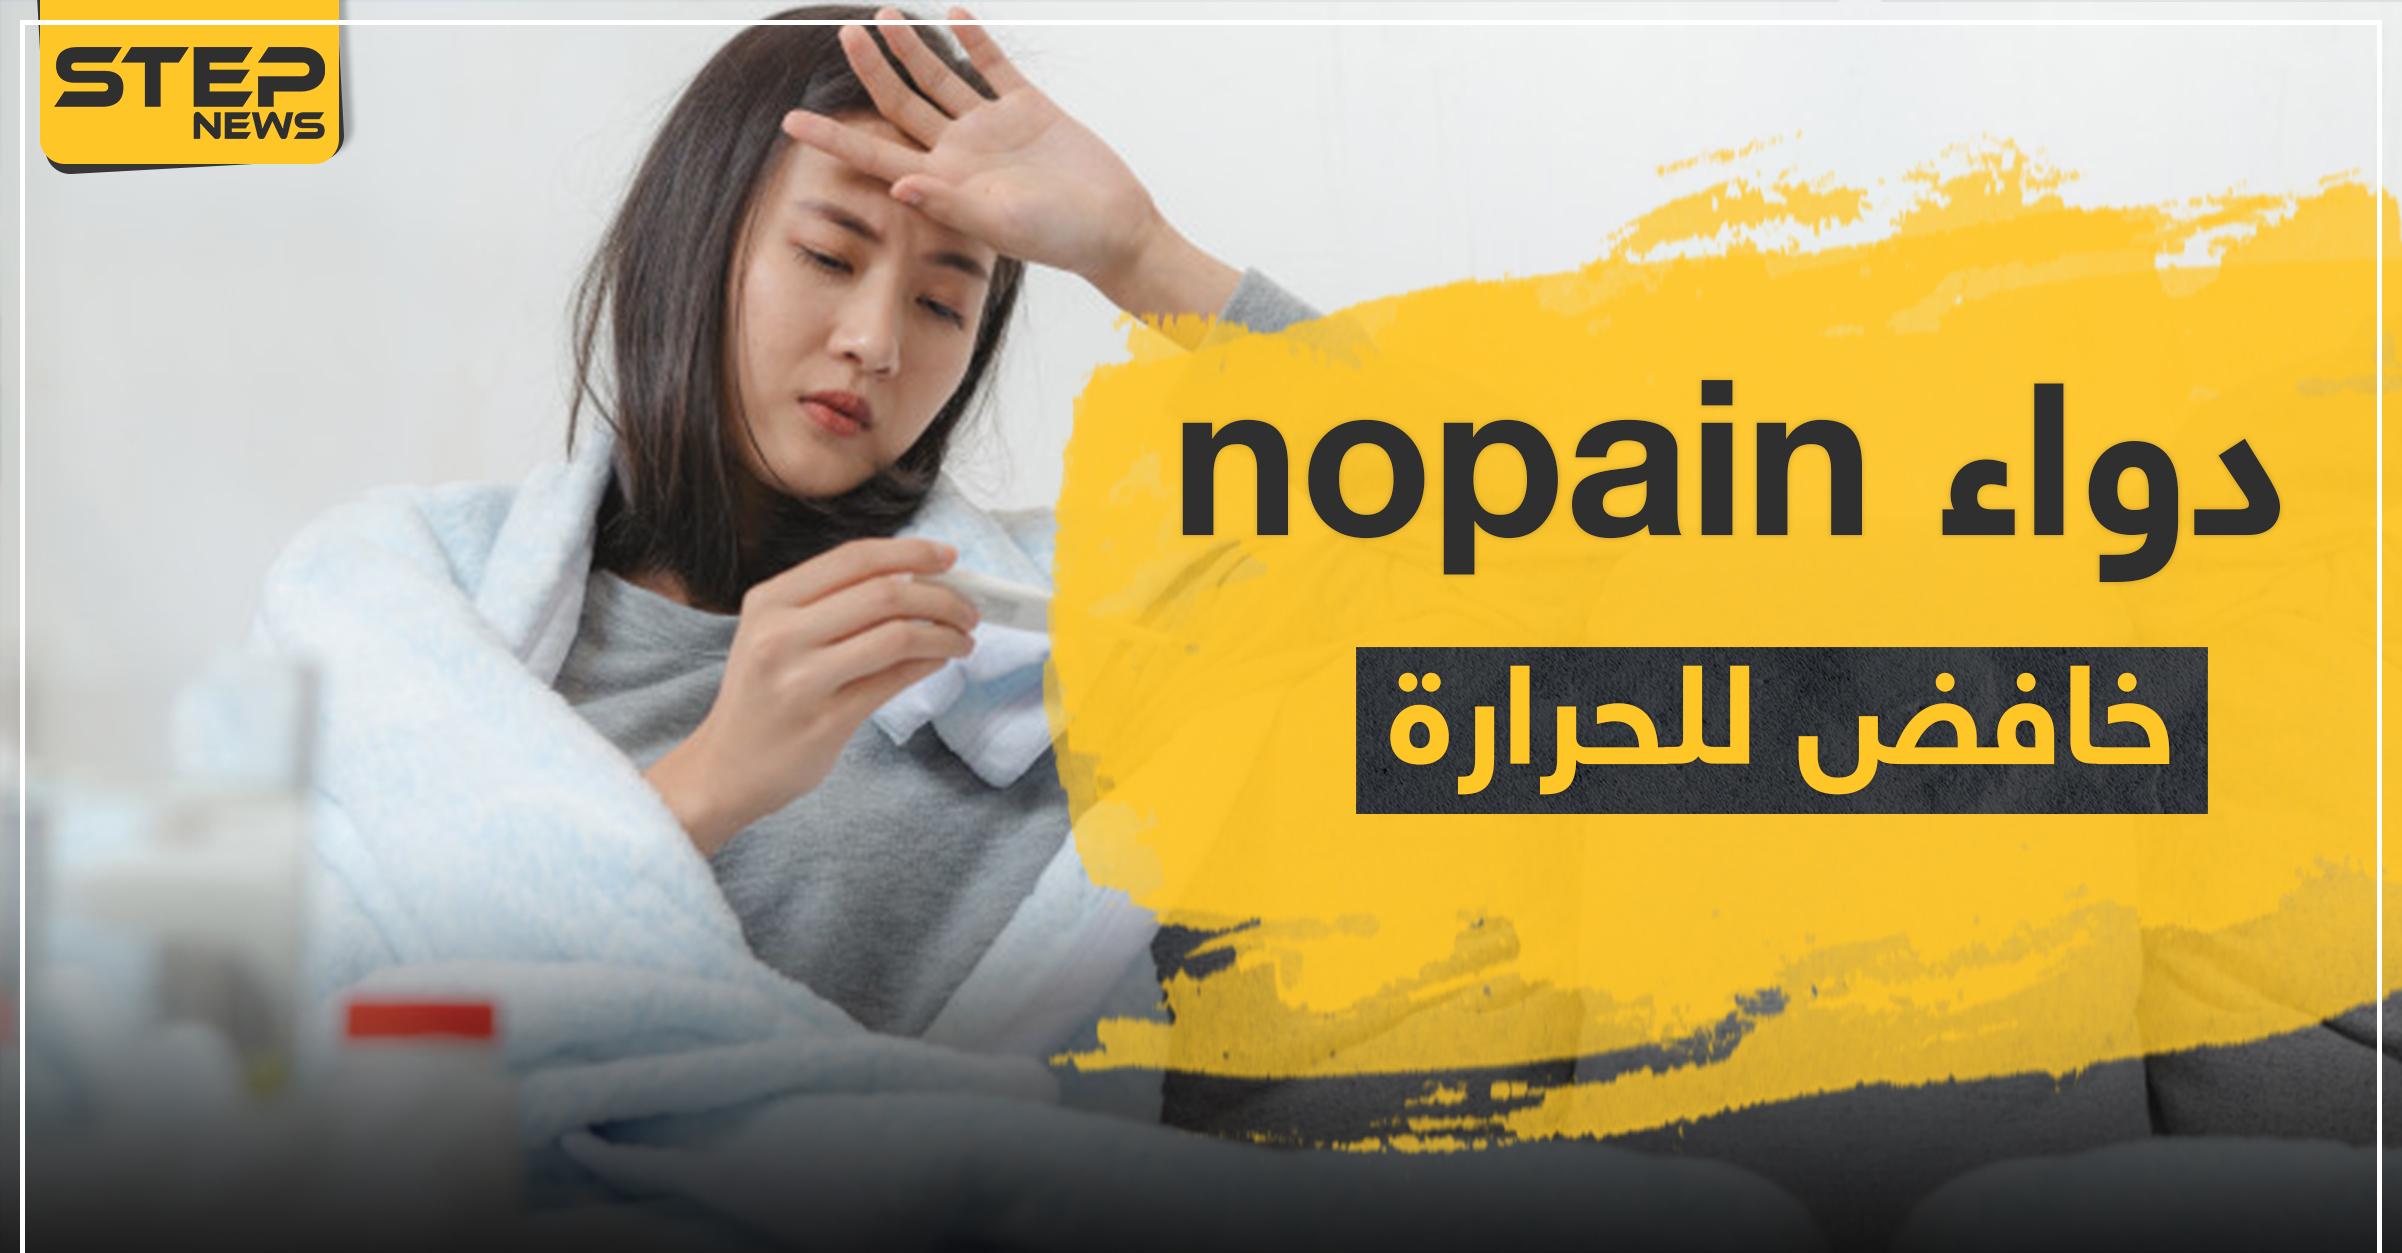 دواء nopain خافض للحرارة